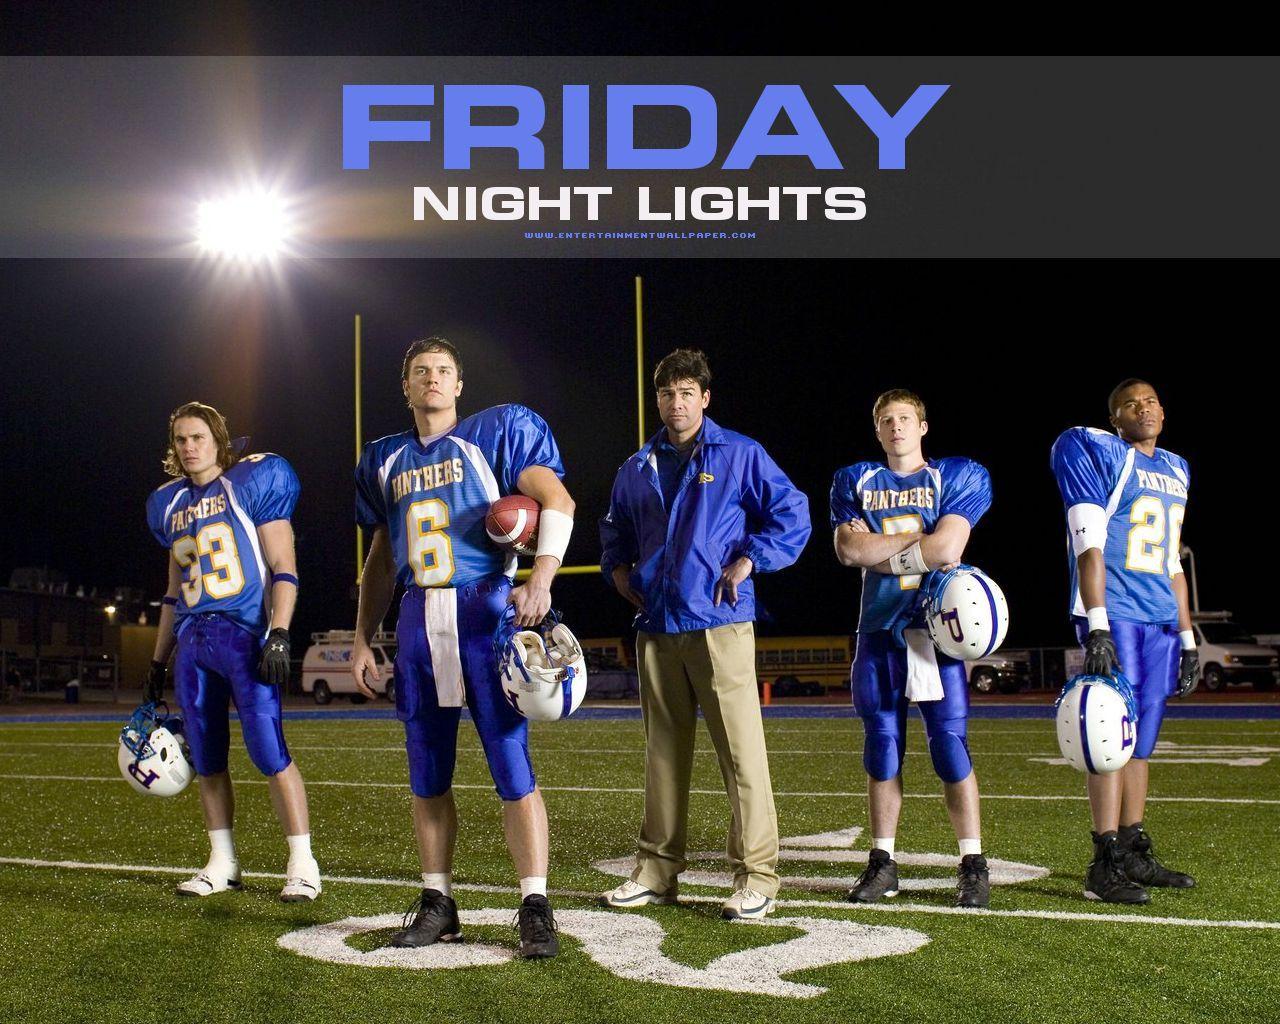 Friday Night Lights TV Wallpaper   20012351 1280x1024 Desktop 1280x1024